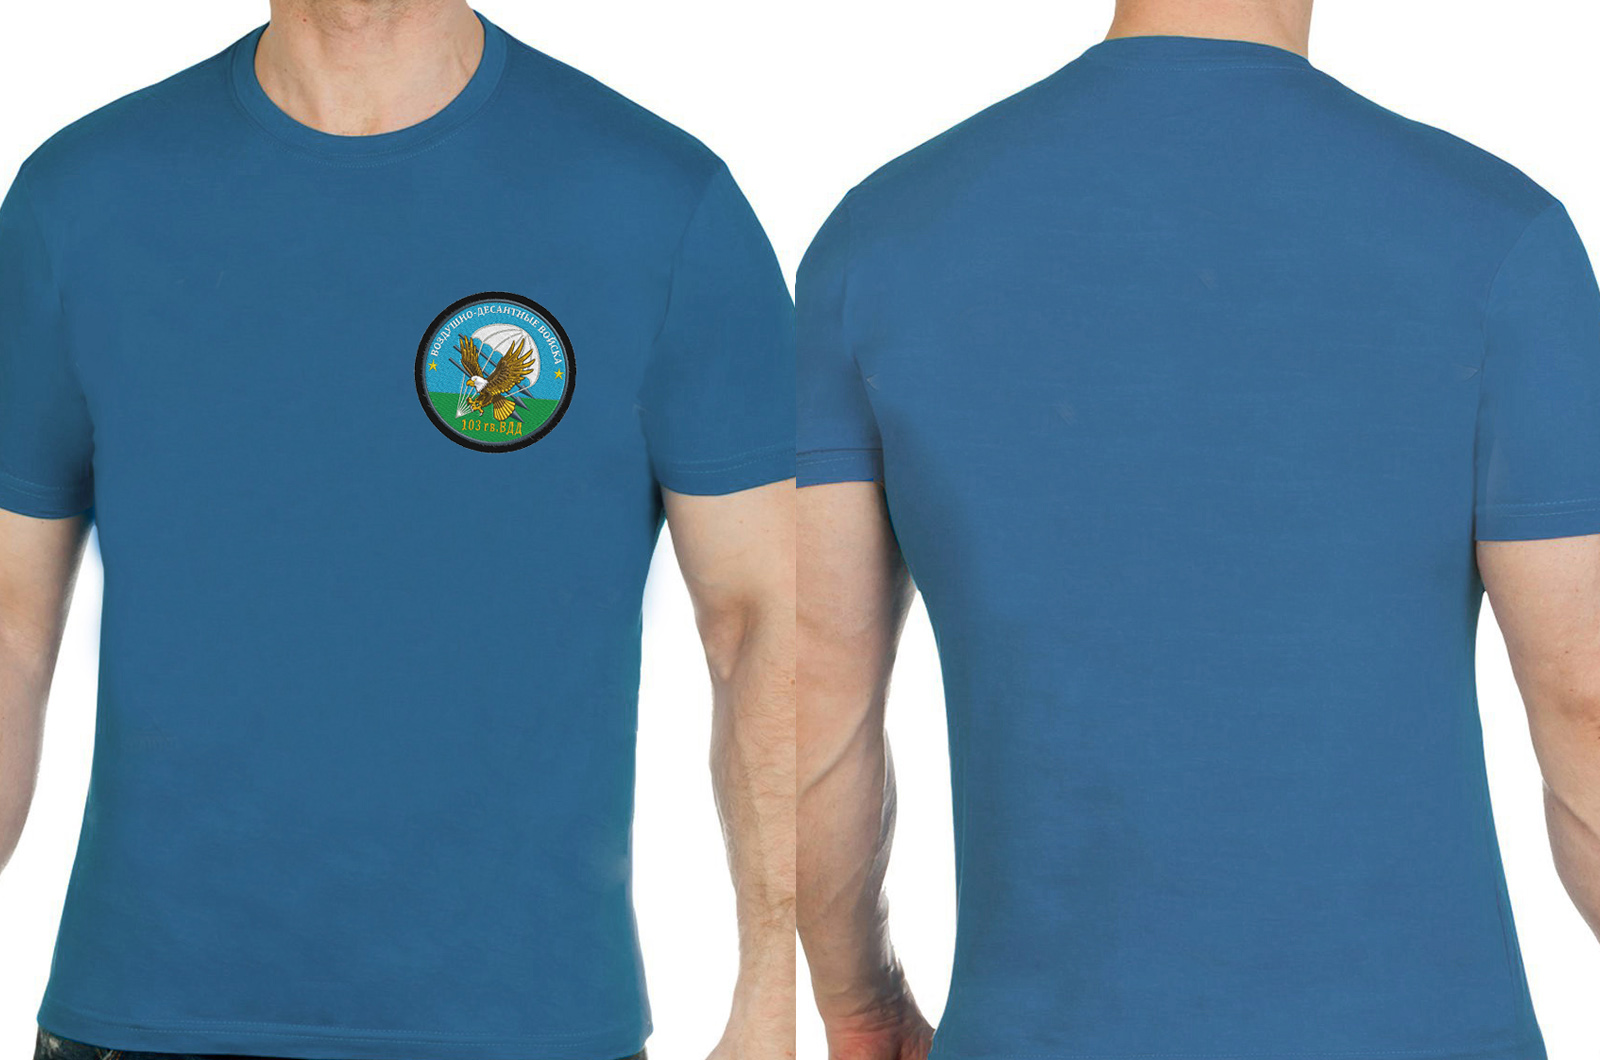 Стильная бирюзовая футболка с вышивкой 103 гв. ВДВ -т заказать онлайн